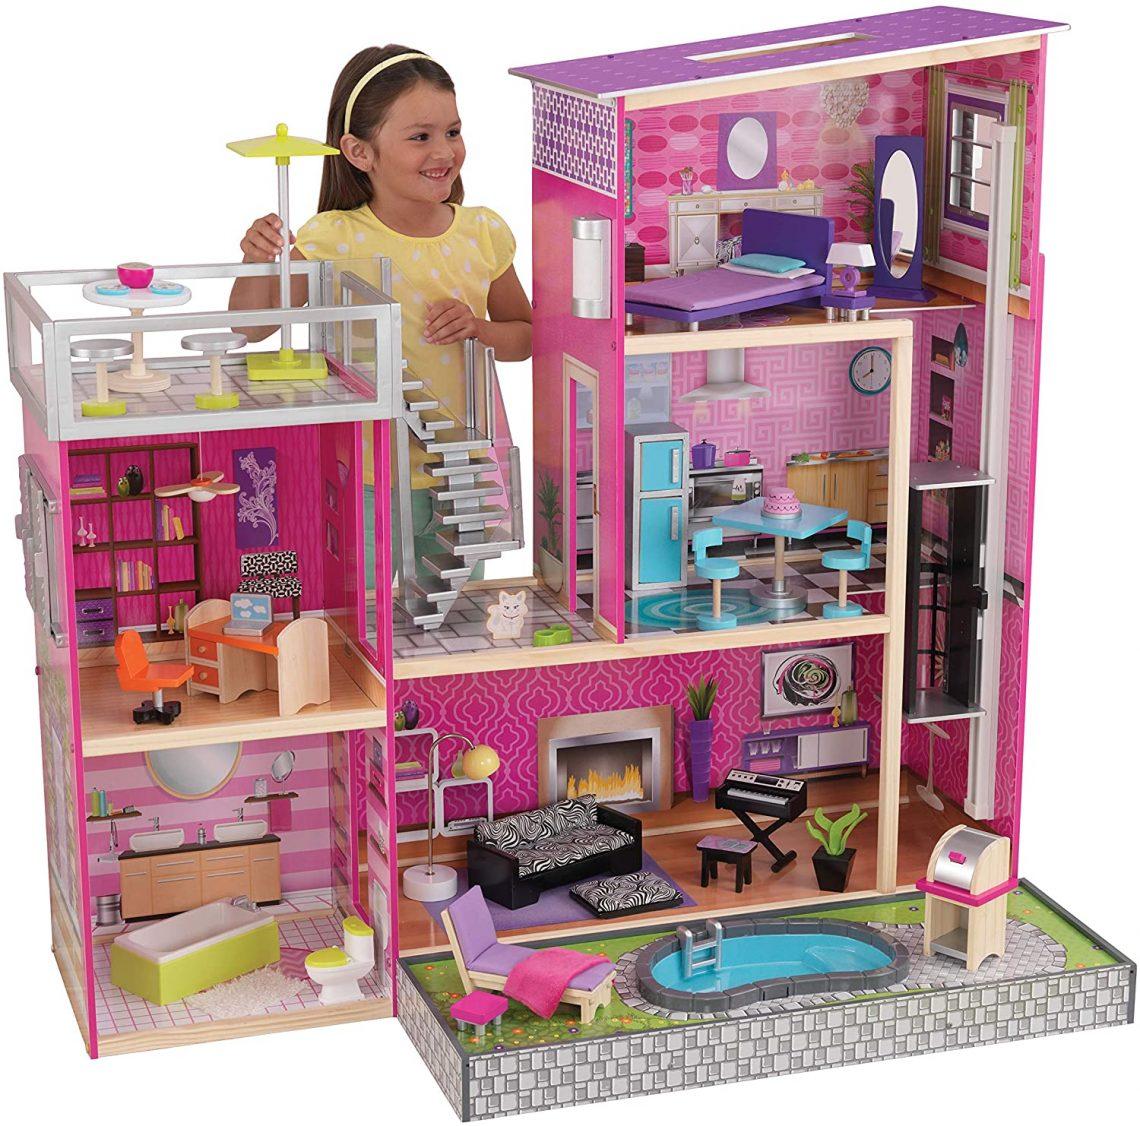 Maison de poupée Kidkraft Uptown